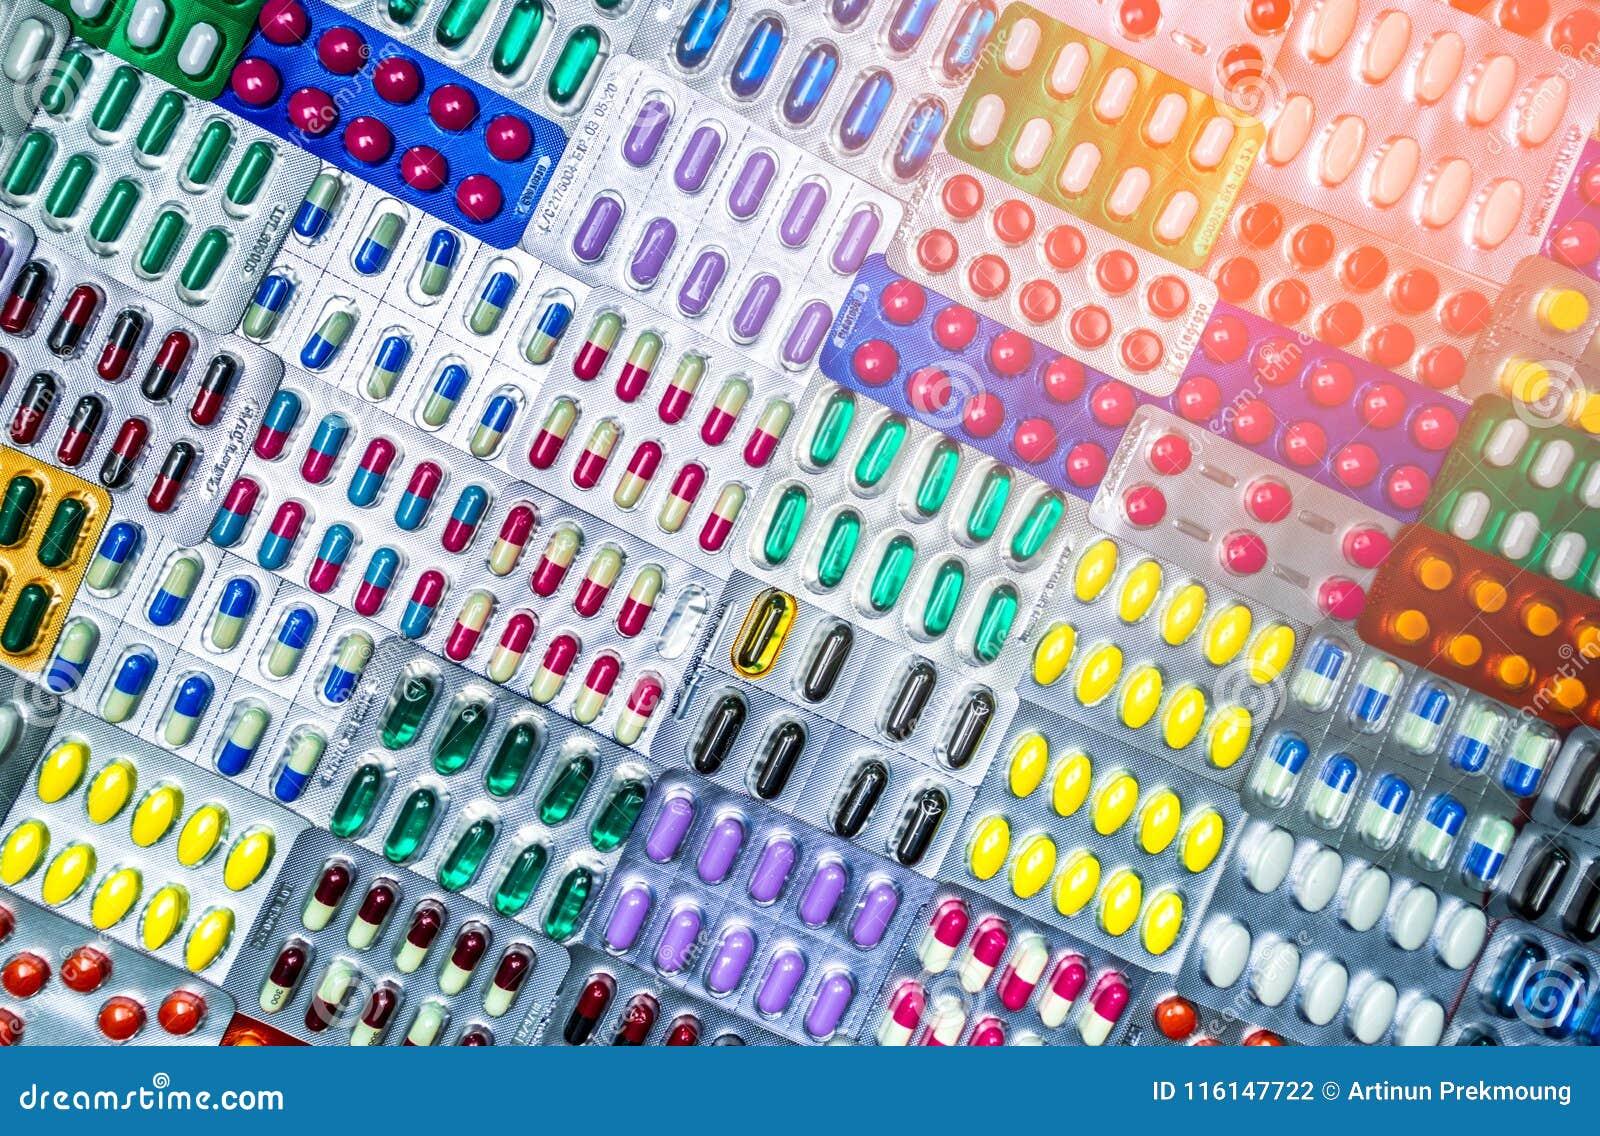 Kolorowy pastylek i kapsuł pigułka w bąbla pakować układał z pięknym wzorem z racy światłem pharmaceutical